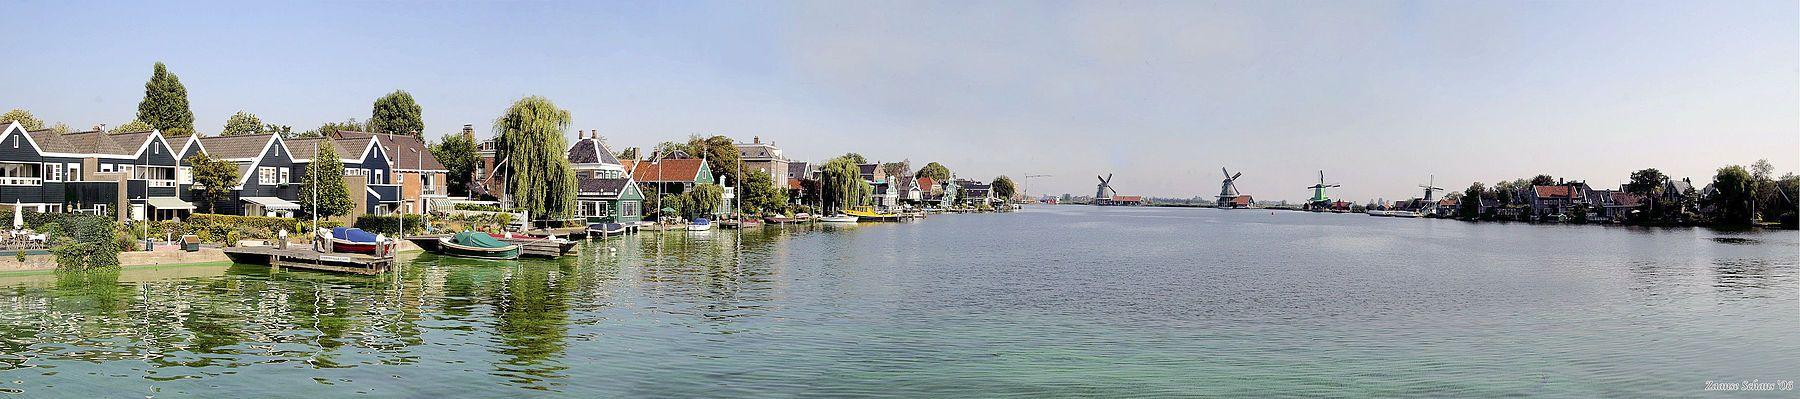 rzeka Zaan